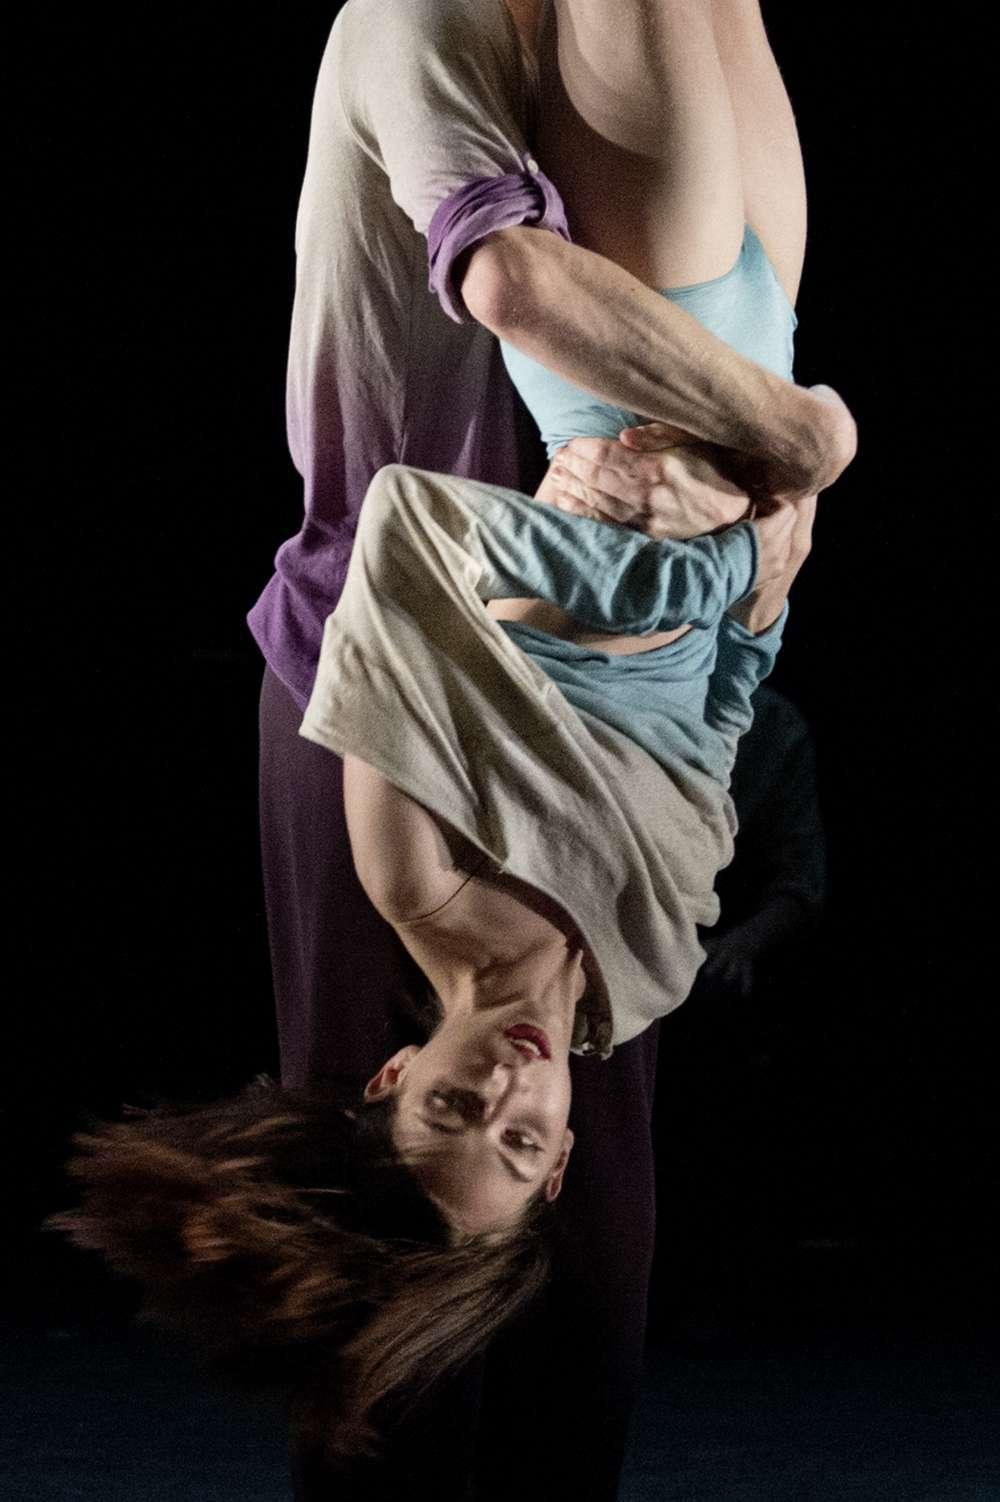 Junge Choreografen_Judith Schlosser_grosse Daten (4)_resized